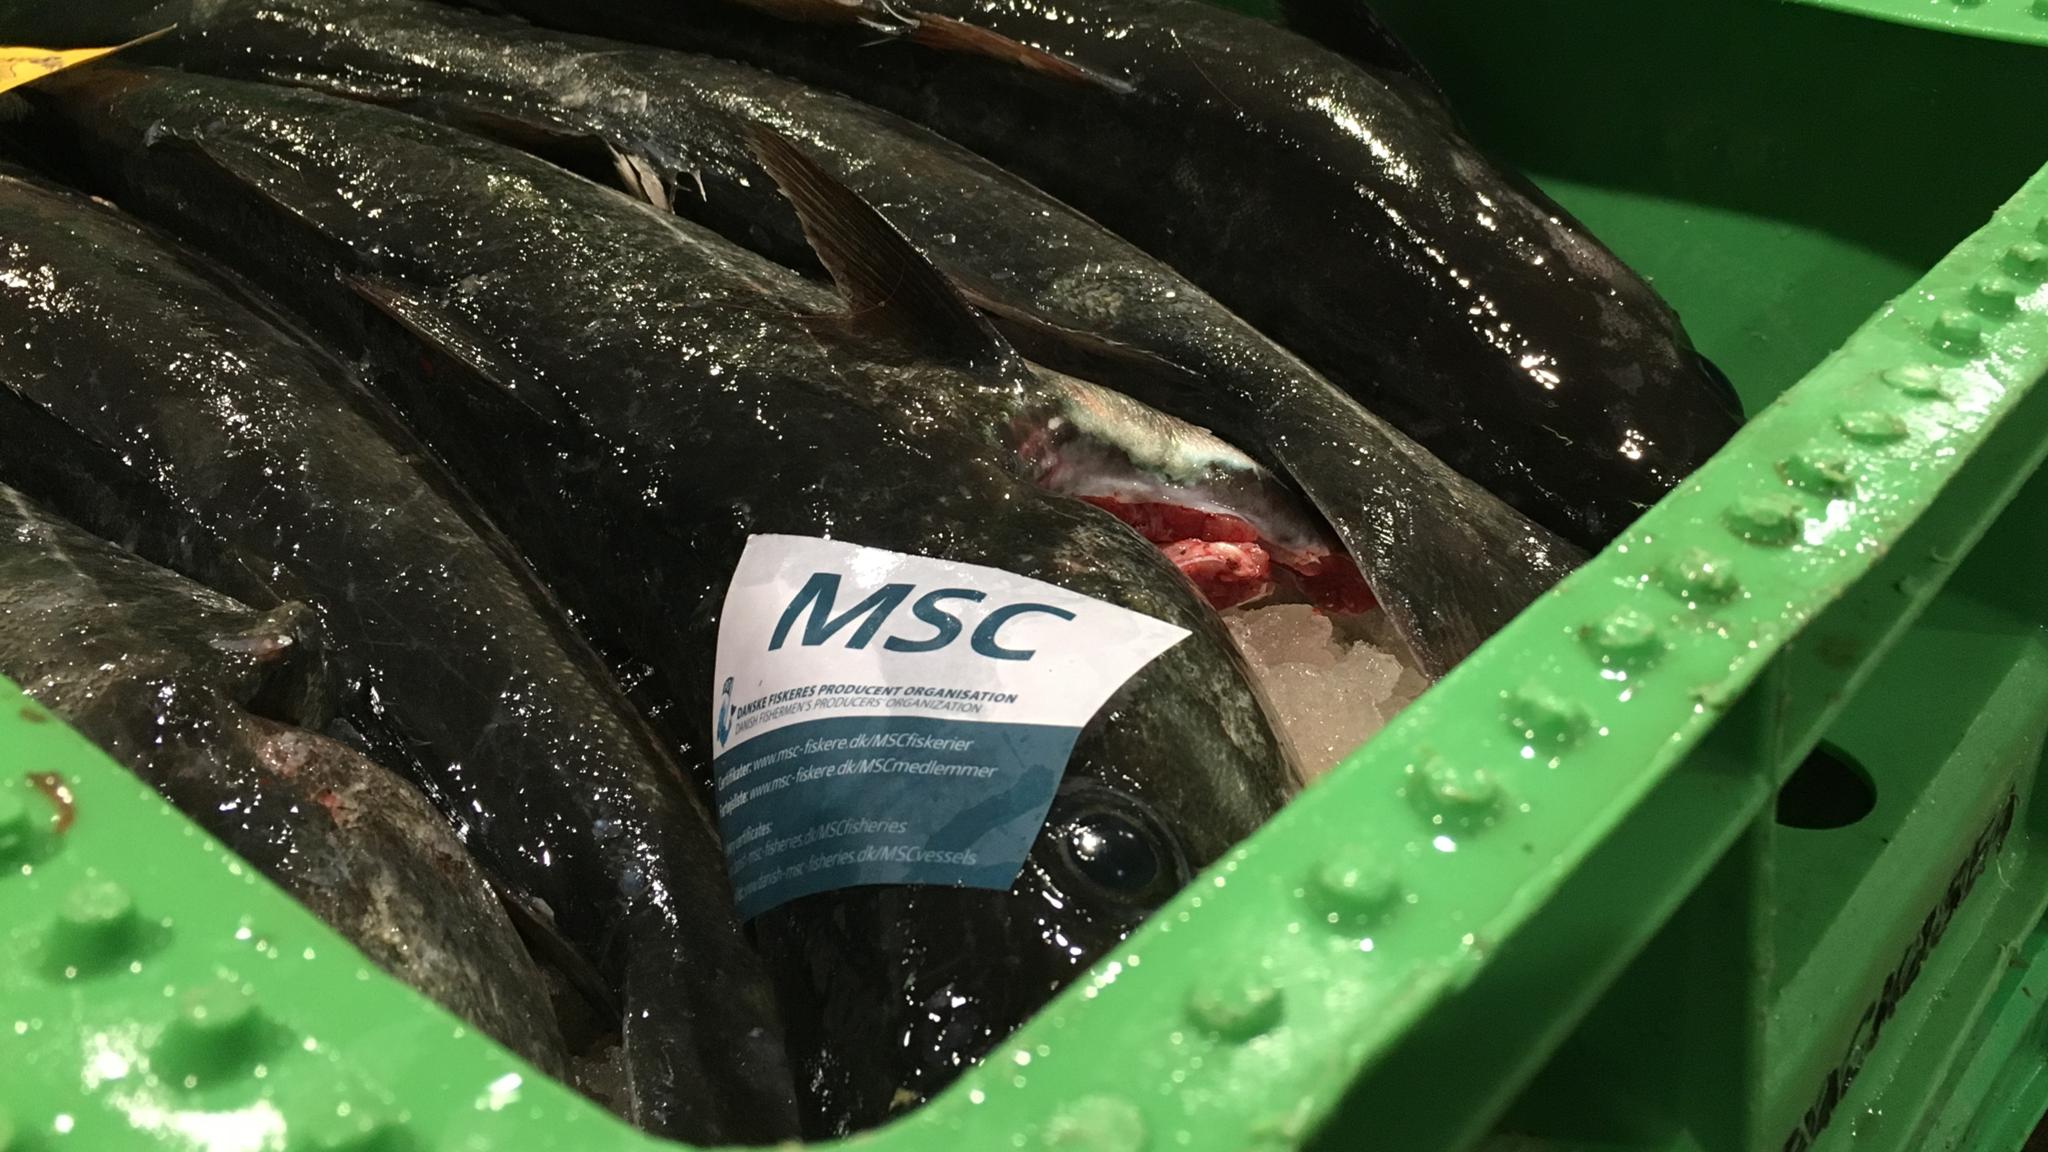 Msc fisk kaliber